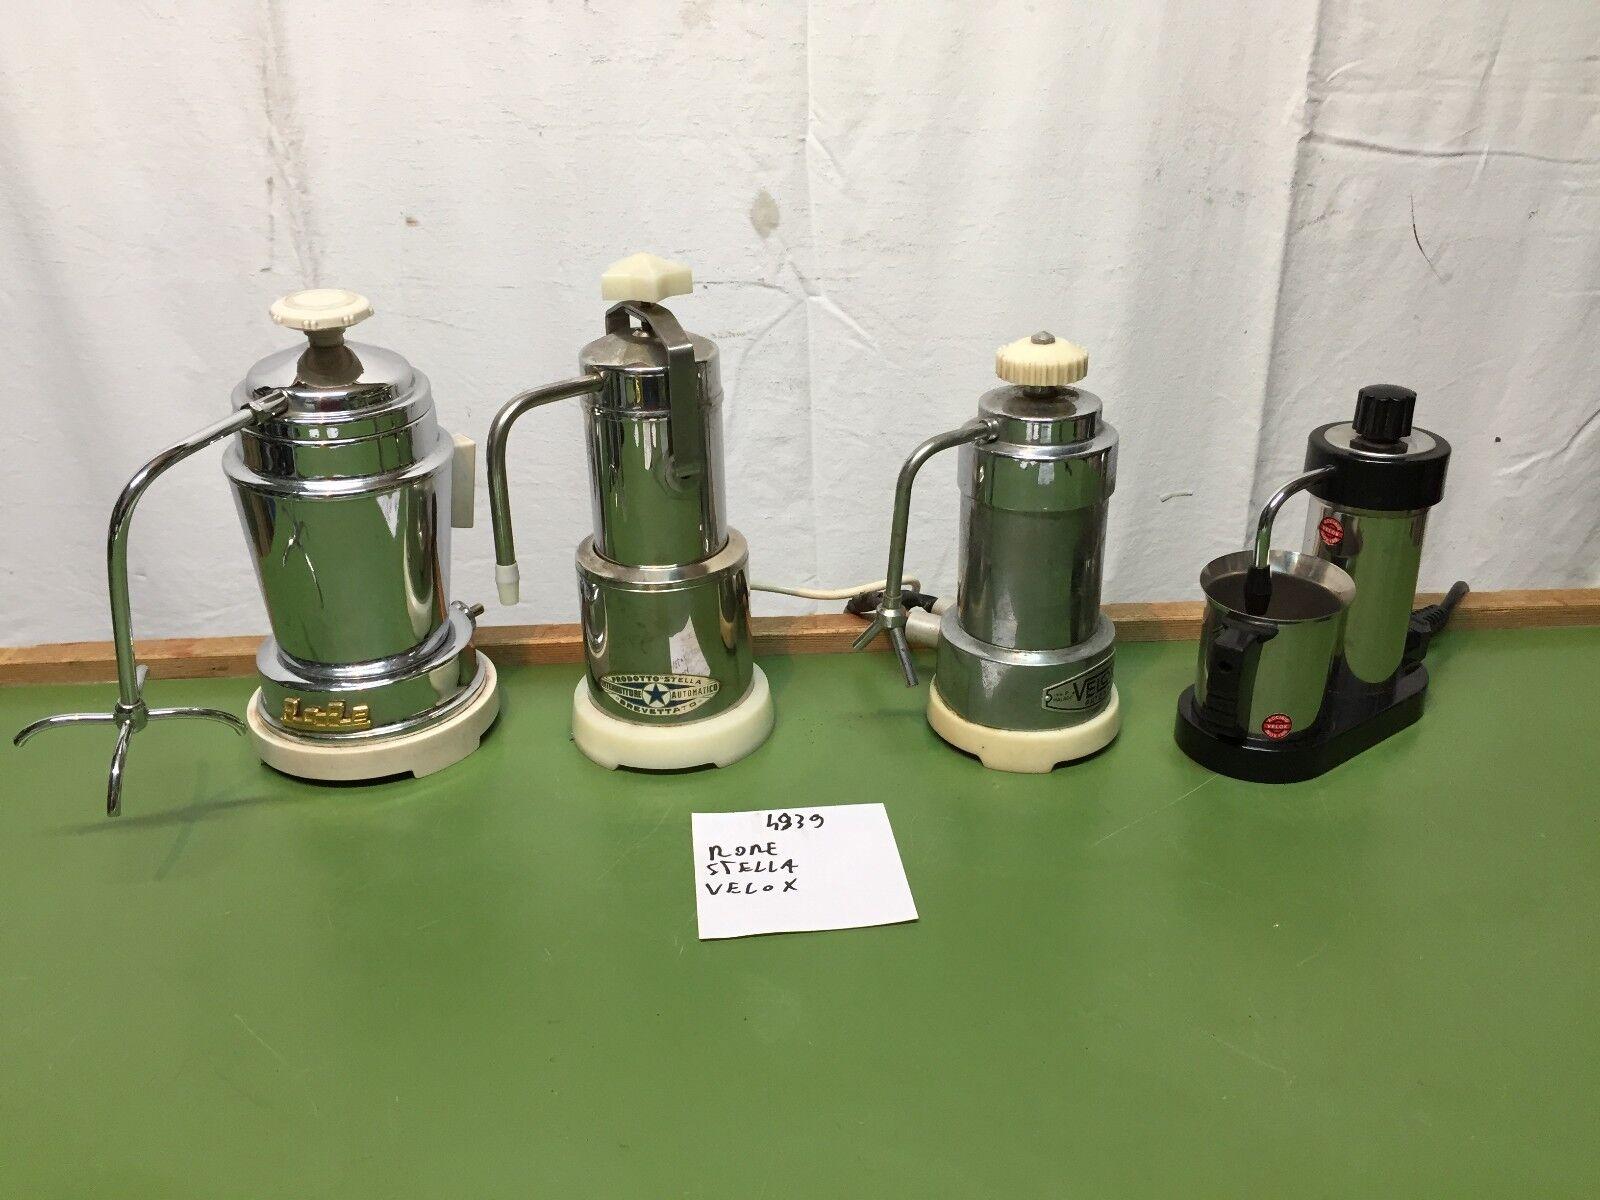 4939 MOKE ELETTRICHE VINTAGE STELLA RORE VELOX FUNZIONANTI CAFFETTIERE D'EPOCA